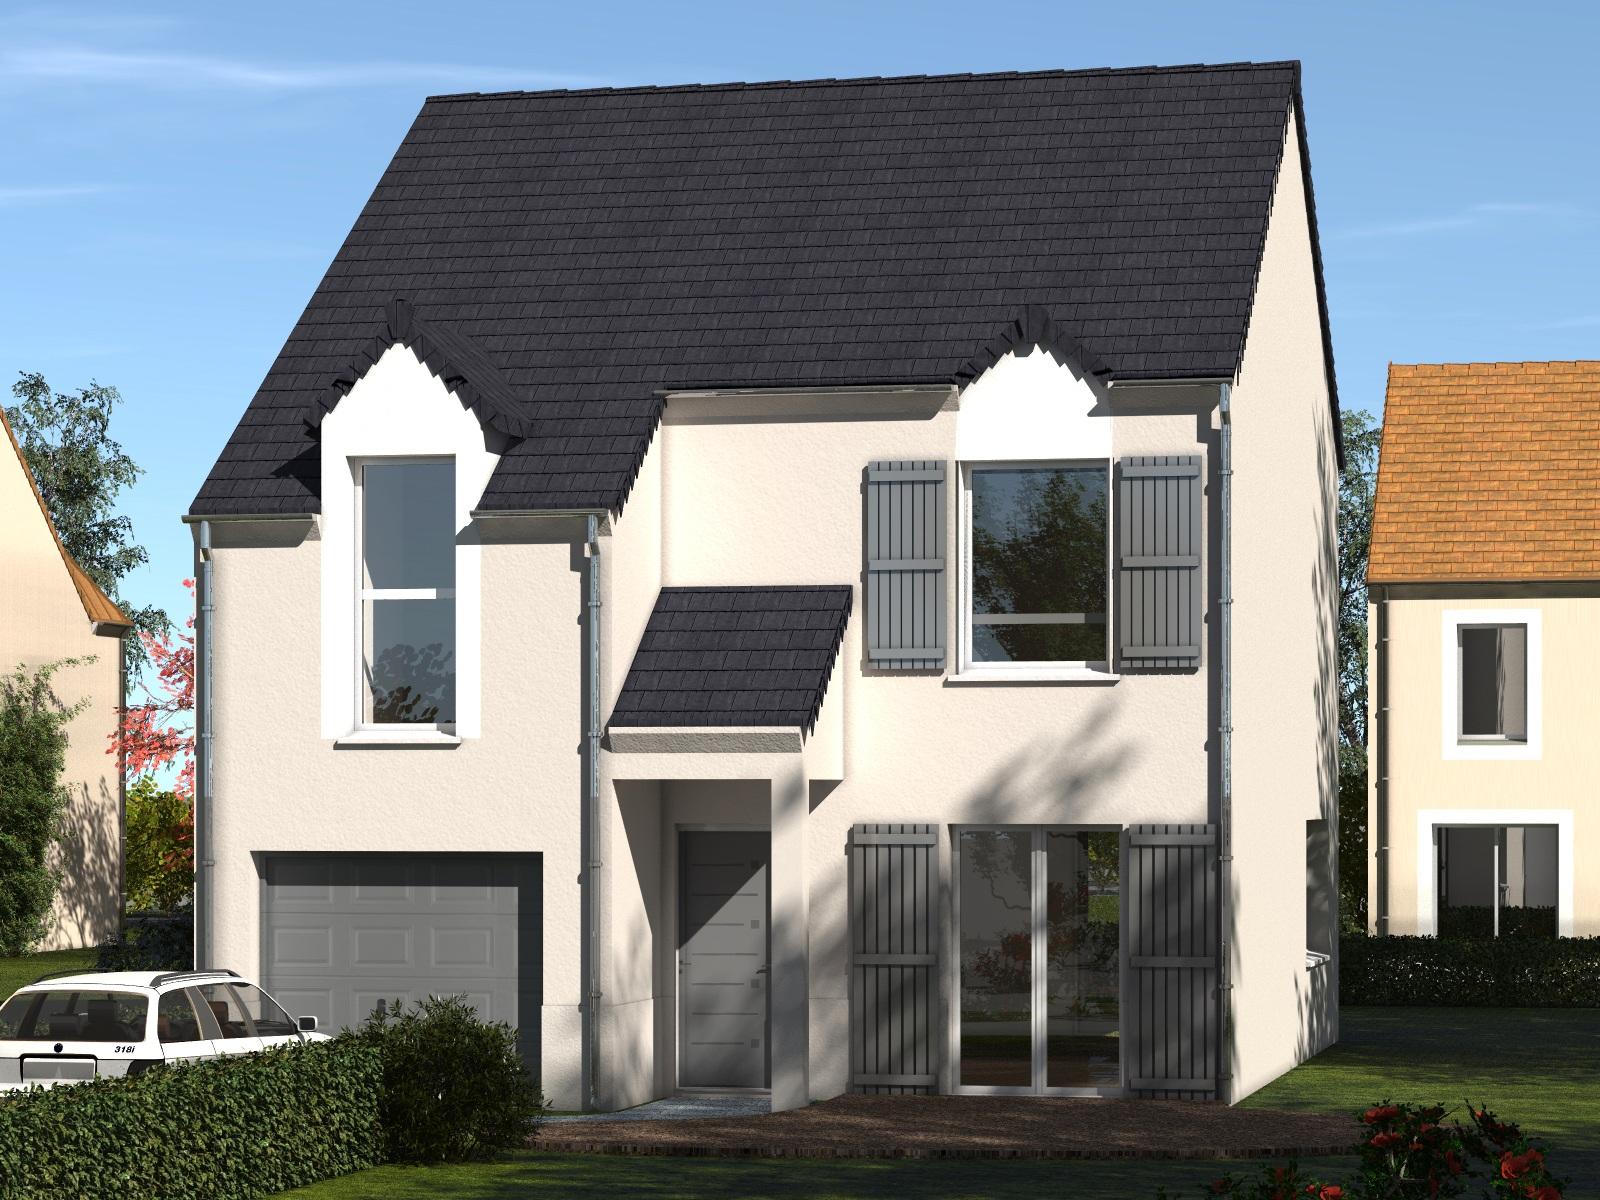 Maisons + Terrains du constructeur Les maisons Lelievre • 106 m² • TRAPPES